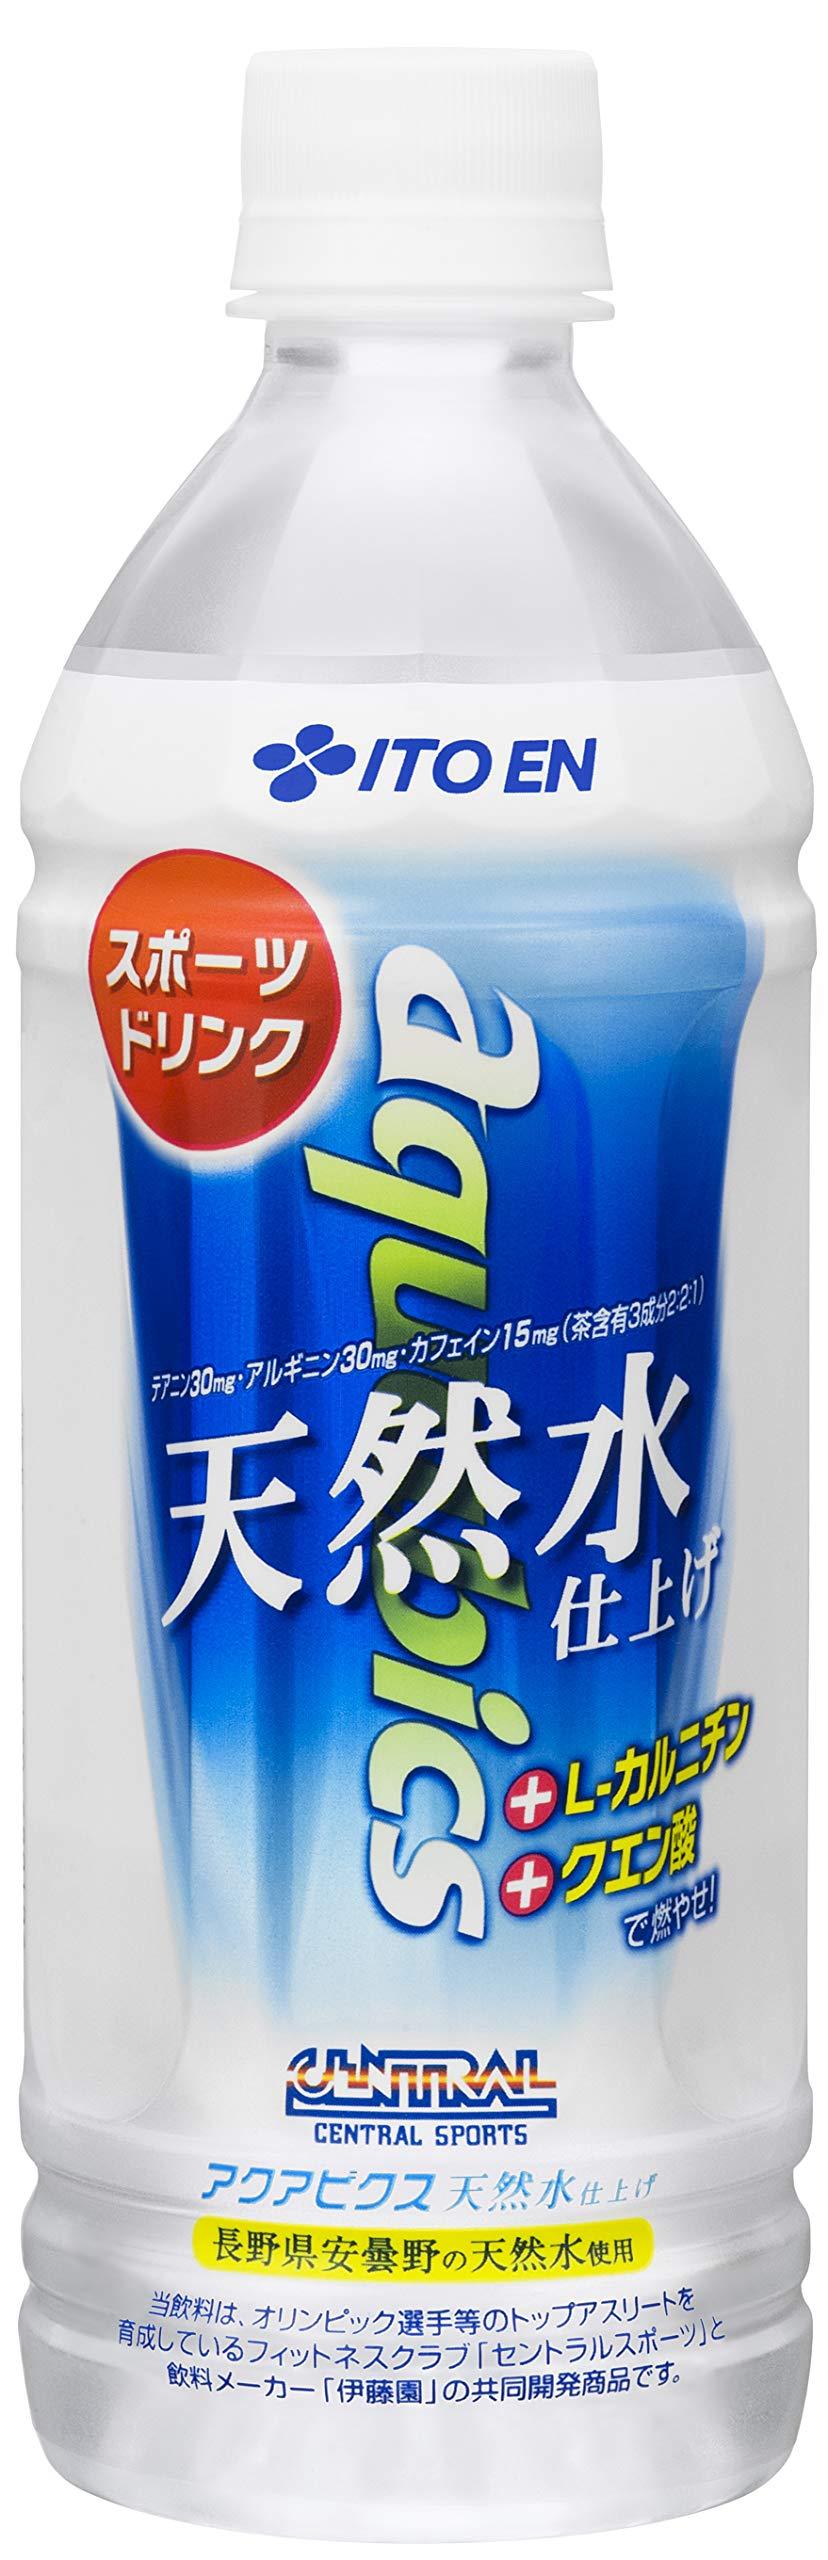 Ito En water aerobics natural water finish 500mlX24 this